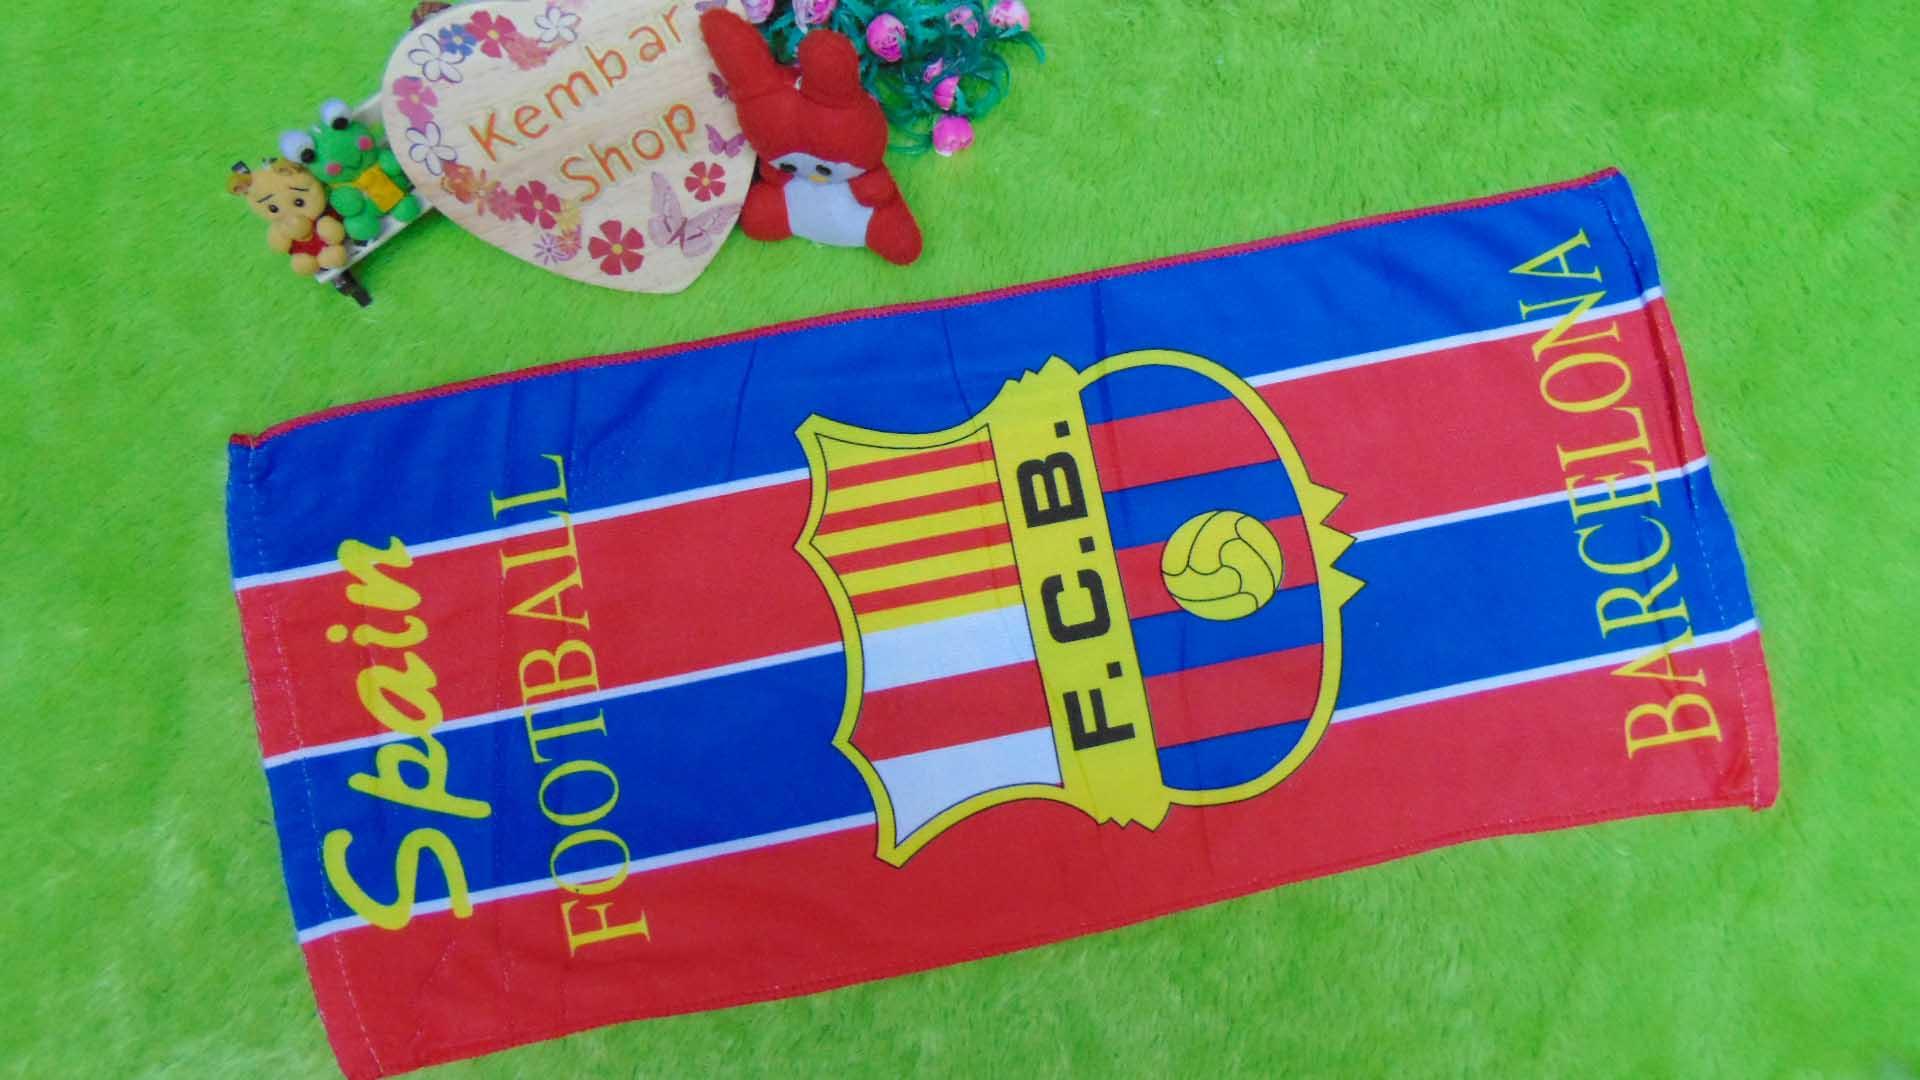 handuk bola FCB Barcelona Barca uk kecil Rp 22.000 bahan lembut,ukuran 76X34cm,cocok untuk penggemar tim bola FCB